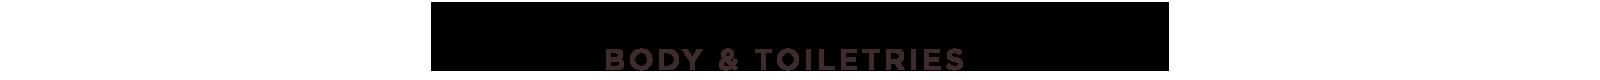 Melvita Body & Toiletries Title